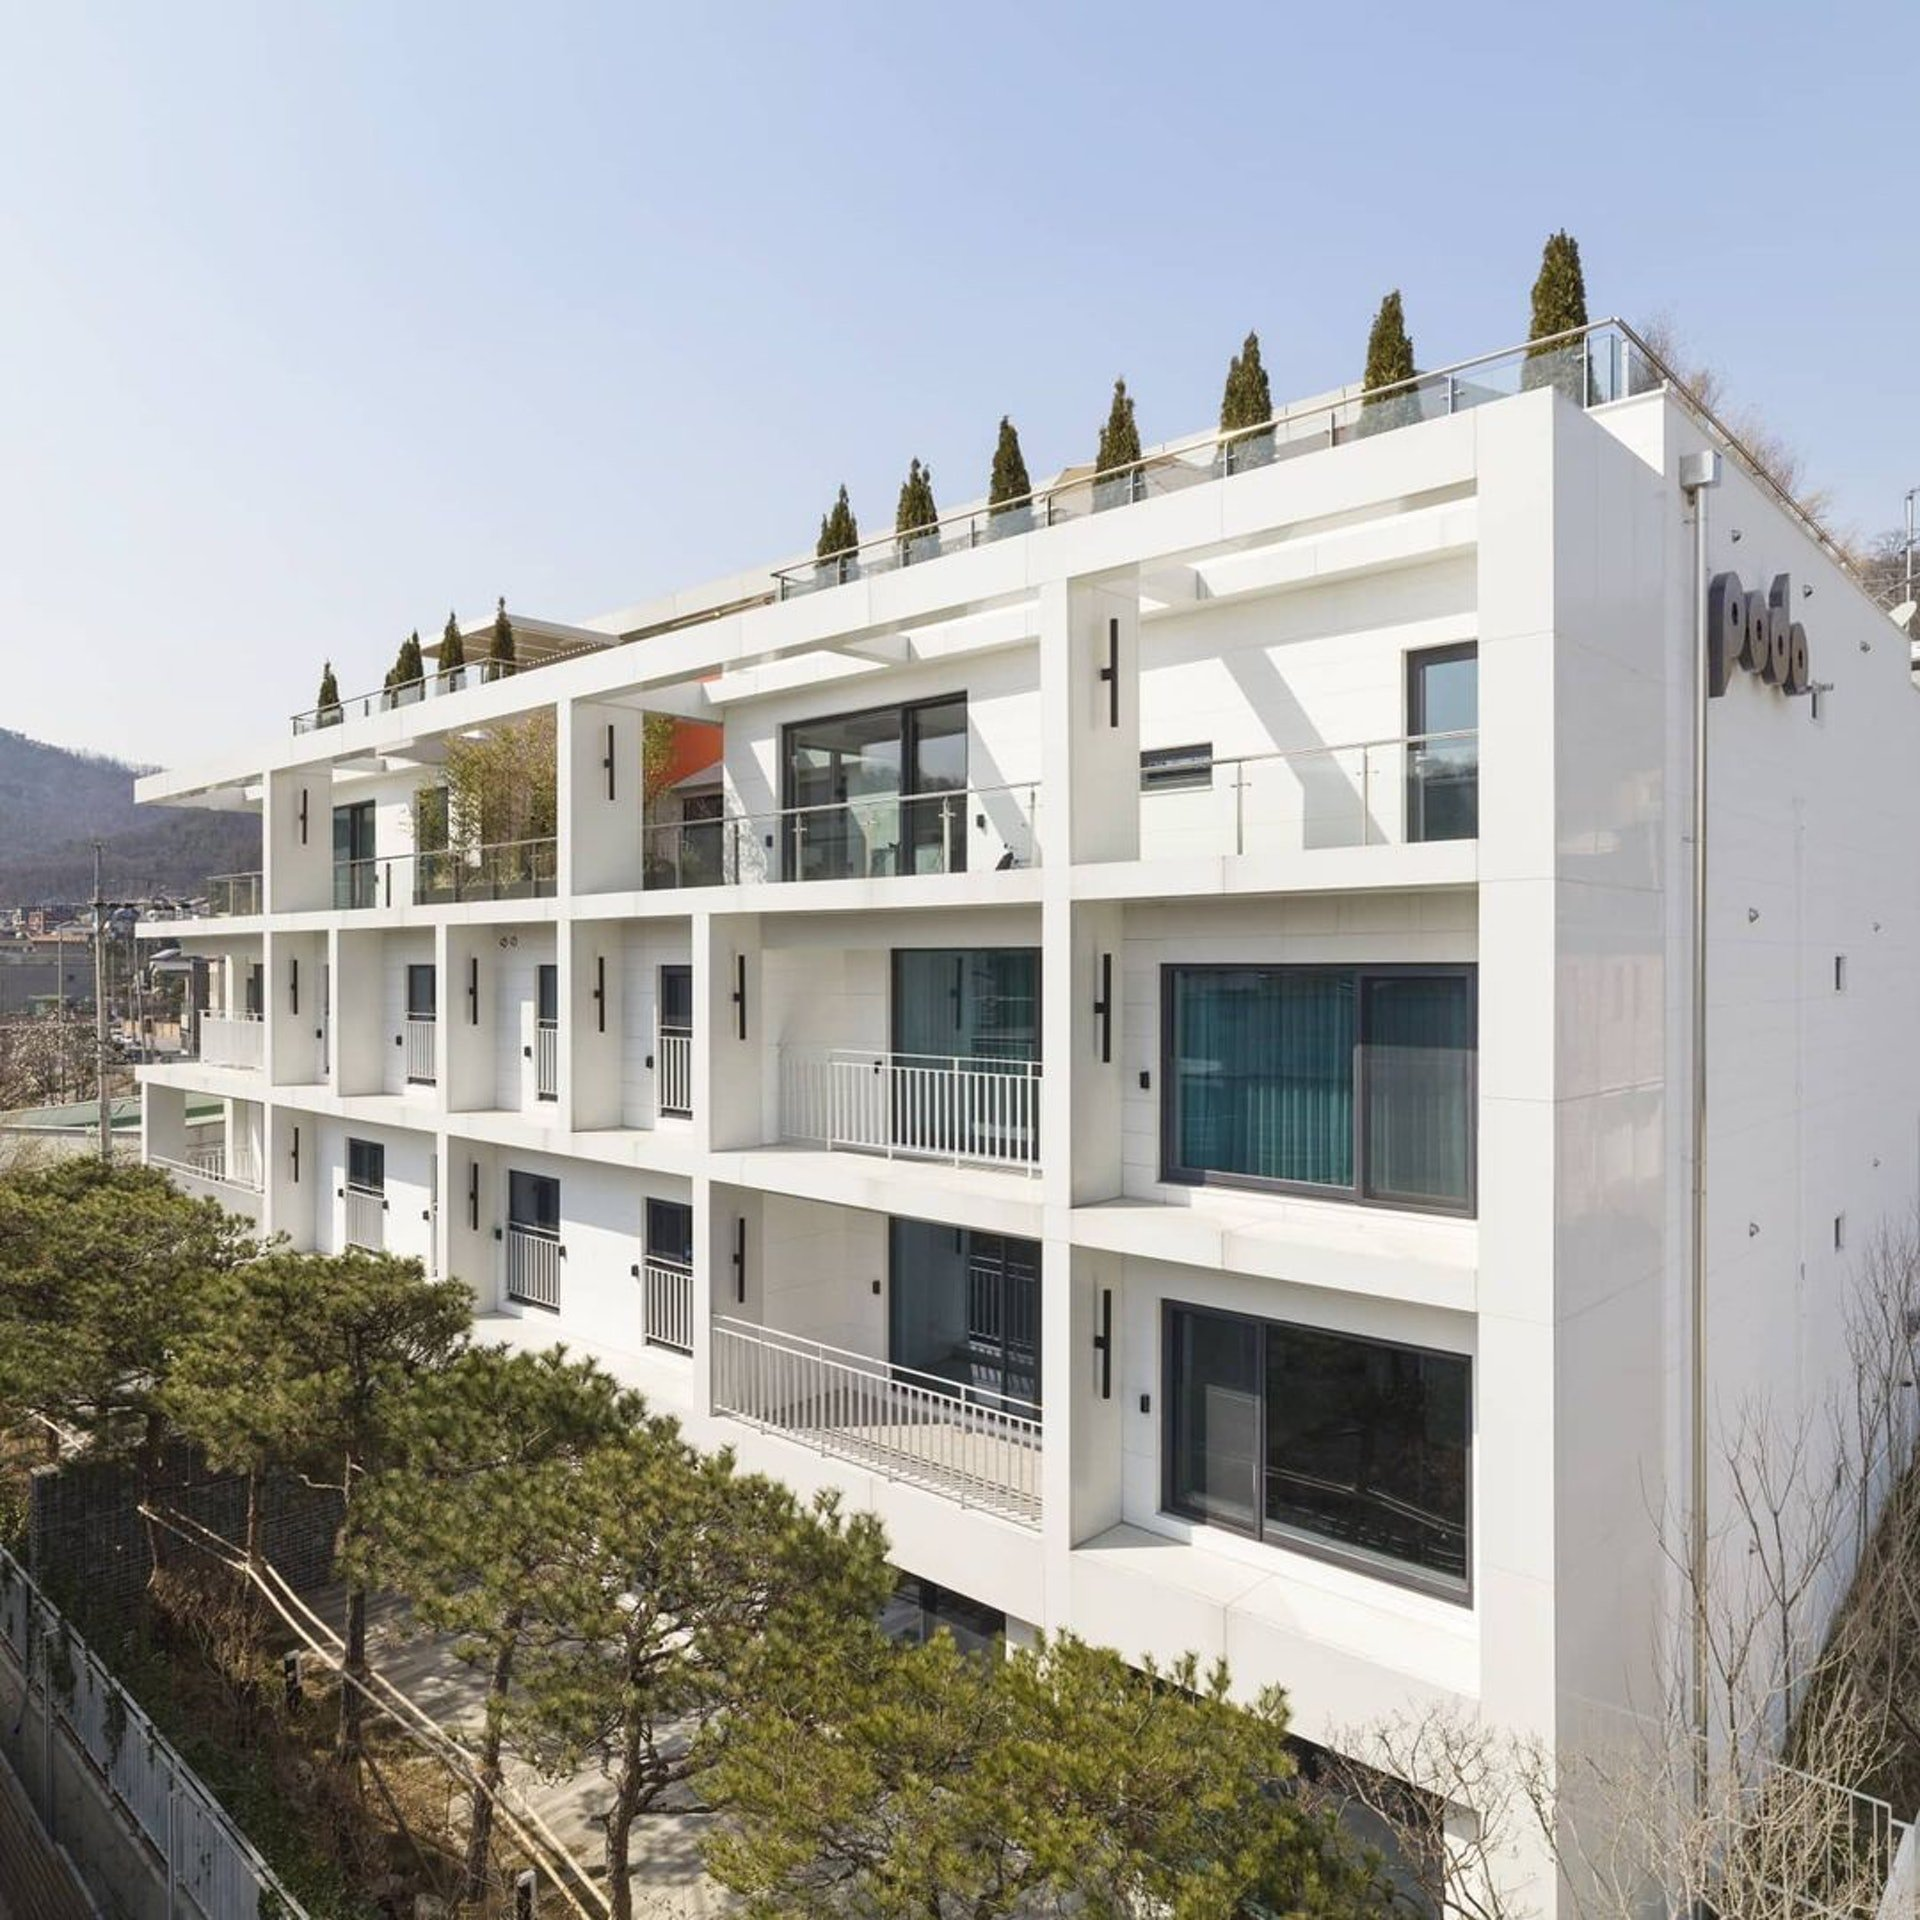 Penthouse mới giá gần 100 tỷ của Hyun Bin gây choáng ngợp vì độ sang chảnh - Ảnh 2.